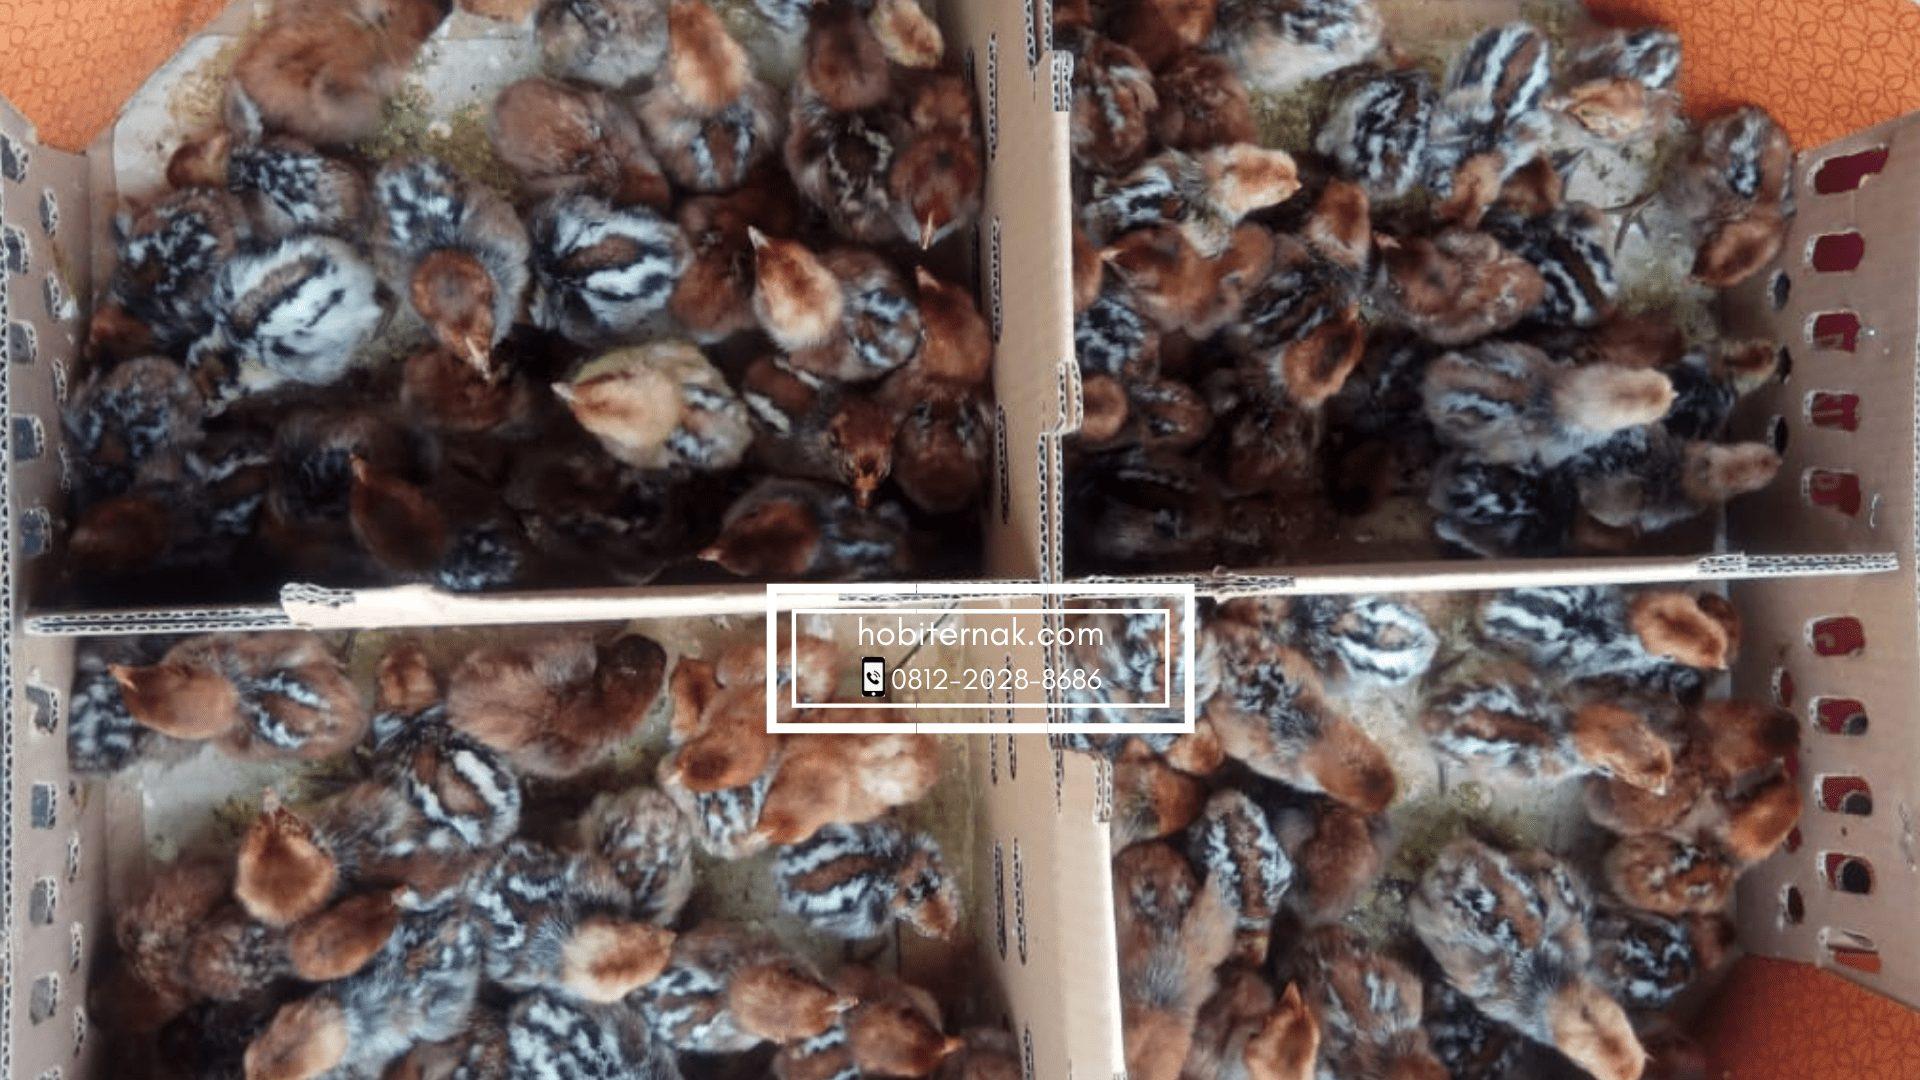 Ini adalah DOC ayam arab hobiternak.com yang siap untuk dikirim ke seluruh penjuru Indonesia   Image 3